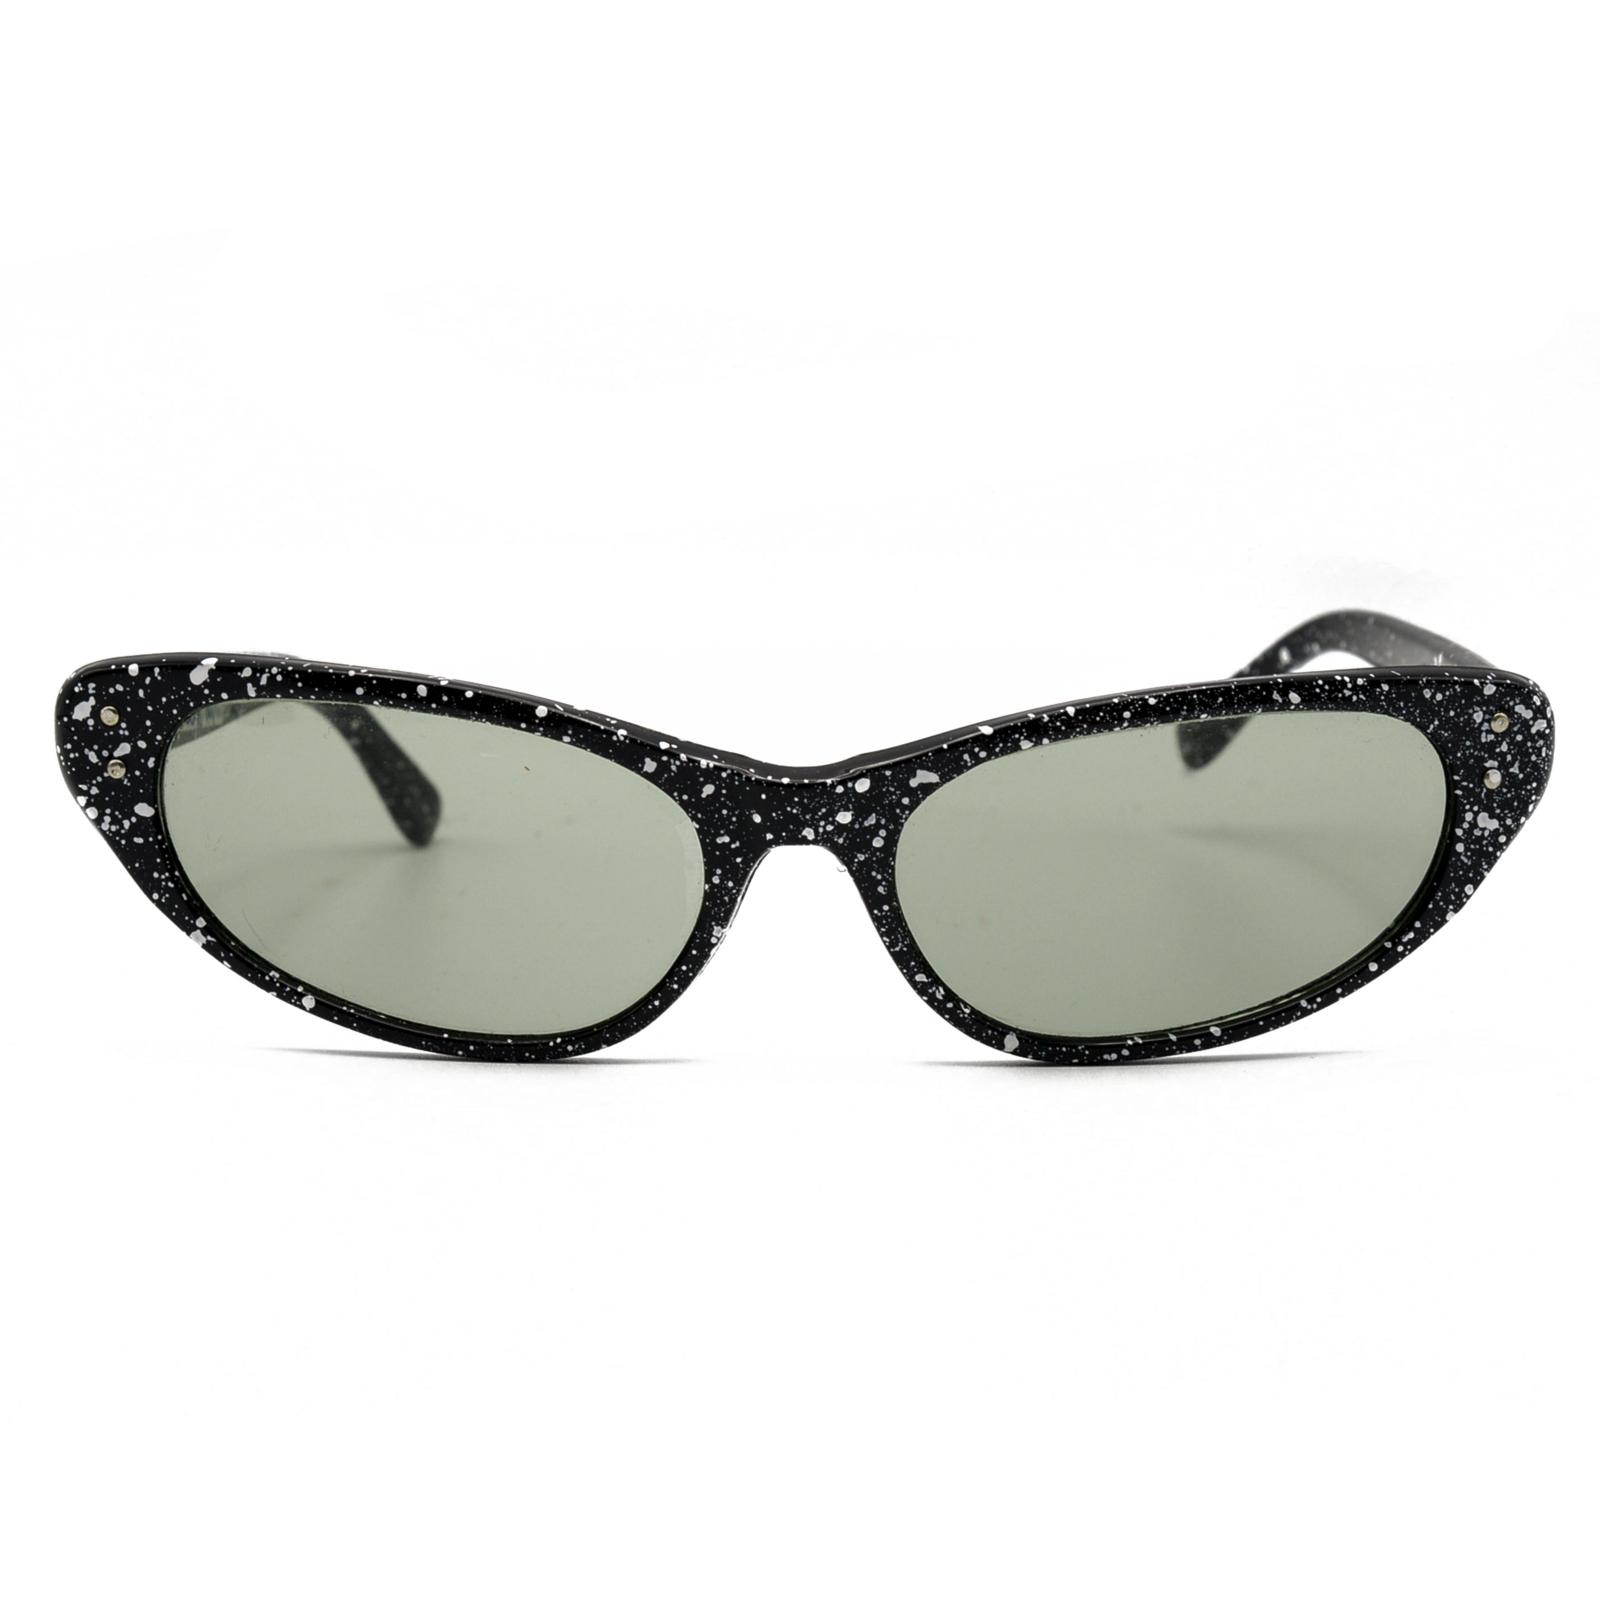 1960s Paint Splatter Cat Eye Sunglasses